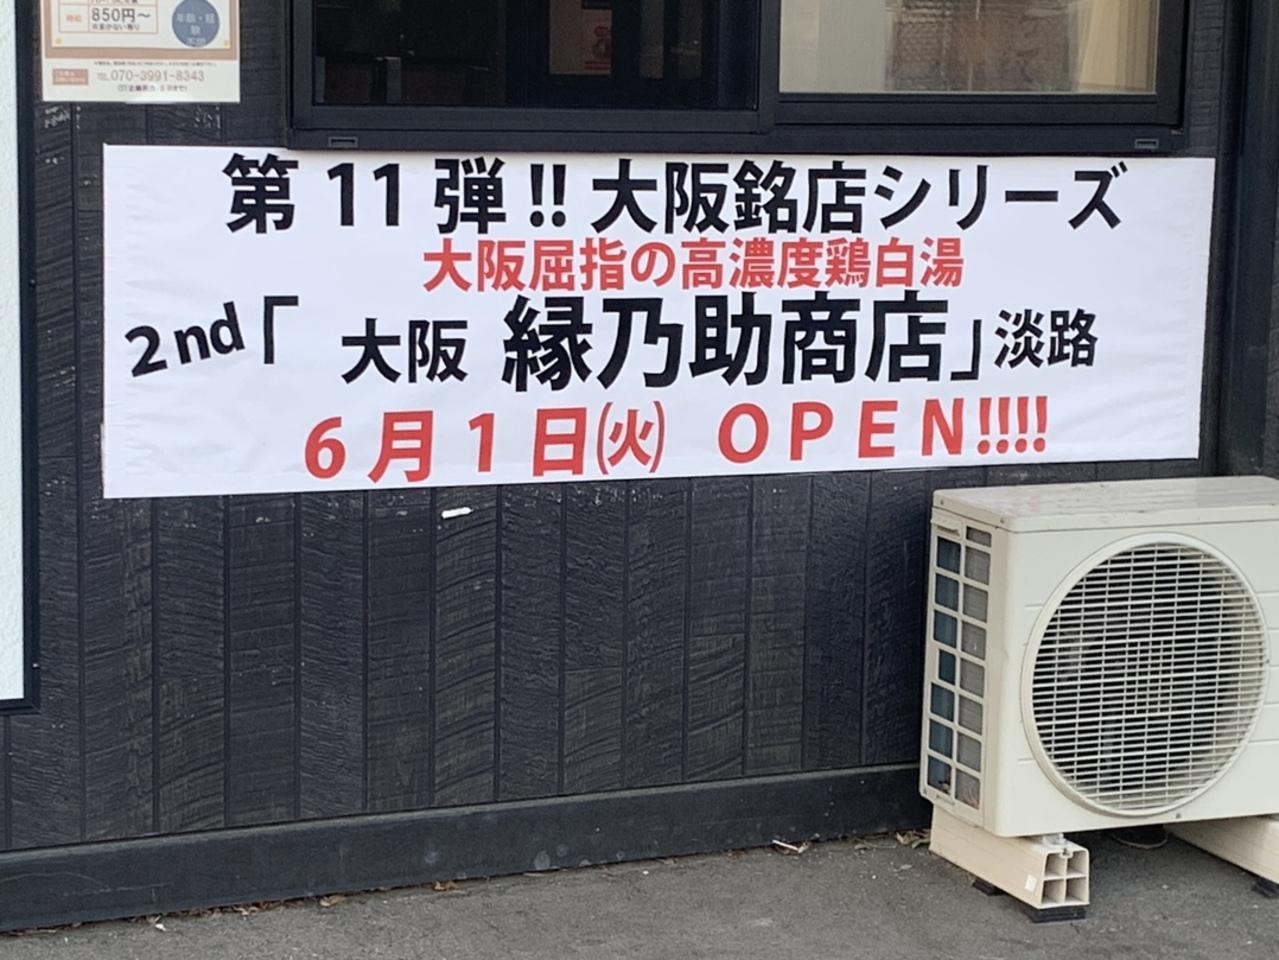 【八戸市】『プレミアムラーメン八戸』大阪銘店シリーズ 「縁乃助商店」が 21.6.1〜出店しています